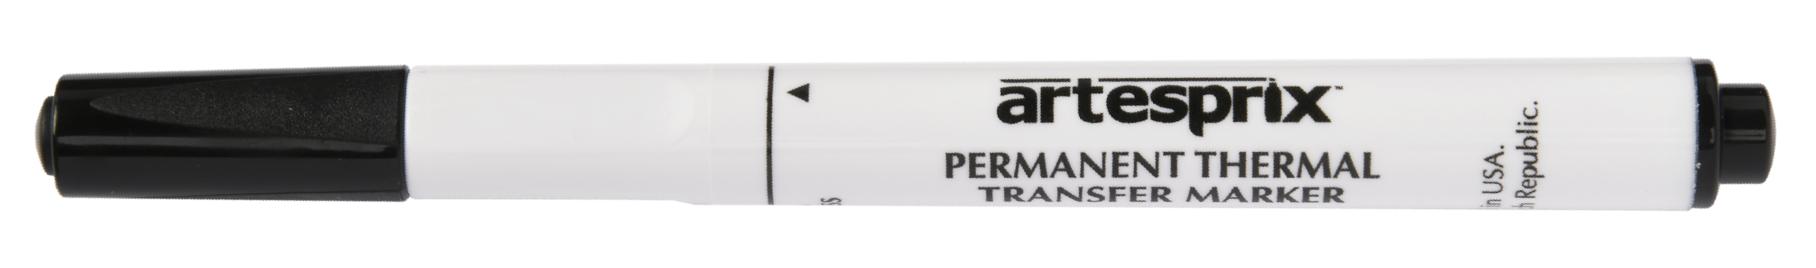 Artesprix: Esprix Impressions